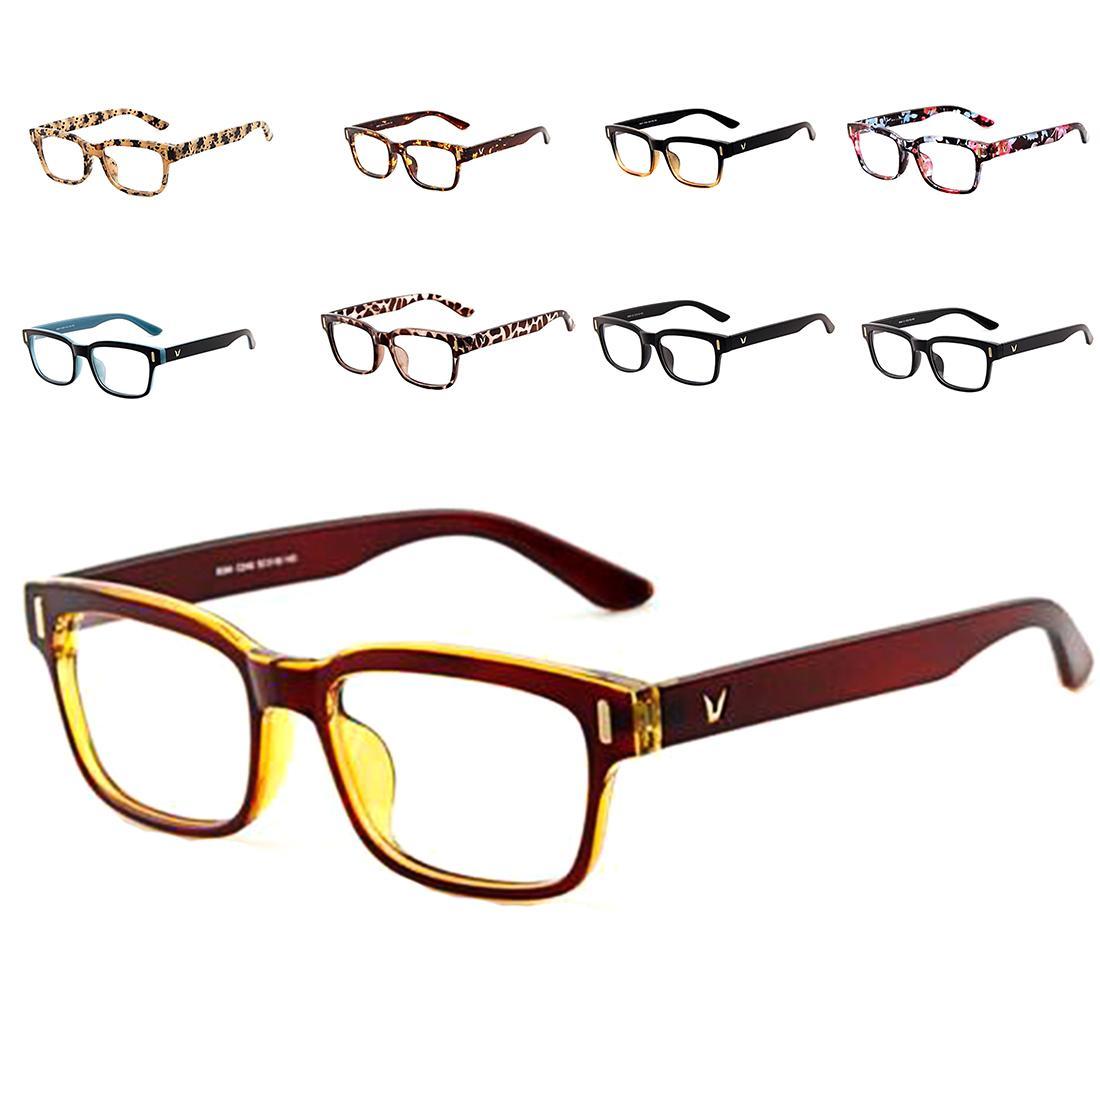 Vente en gros- Classique V-Shaped Box Eye Glasses Cadres Marque Pour Hommes Nouvelles Femmes Computer Cadres Lunettes Vintage Armacao Oculos De Grau